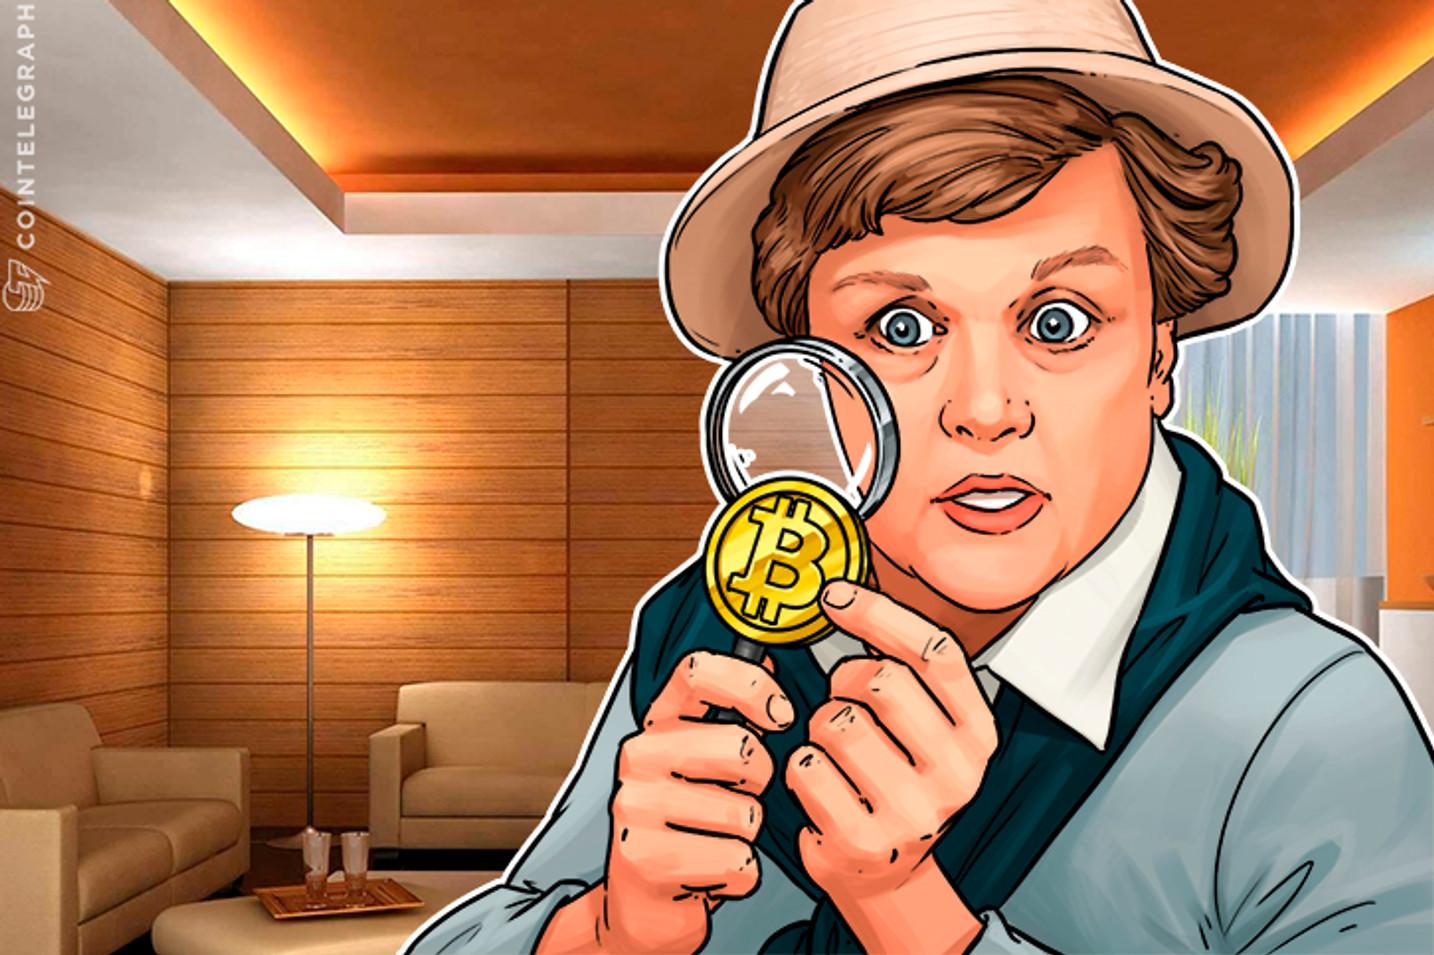 Como as forças da lei podem investigar crimes relacionados com Bitcoin e por que isso é bom